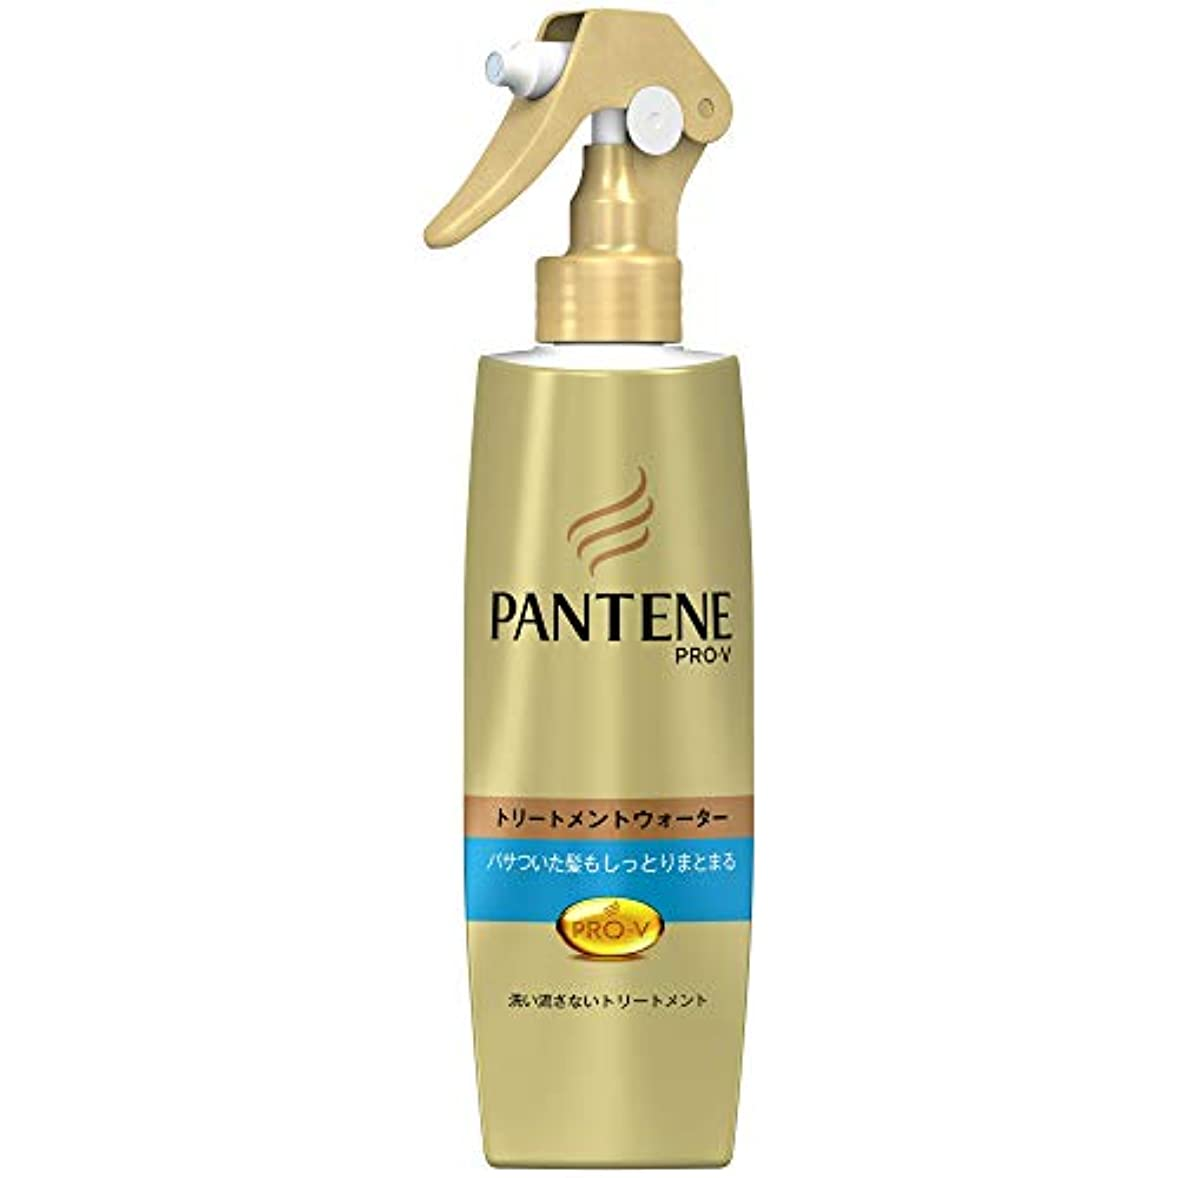 女王下着ふつうパンテーン 洗い流さないトリートメント トリートメントウォーター パサついてまとまらない髪用 200ml